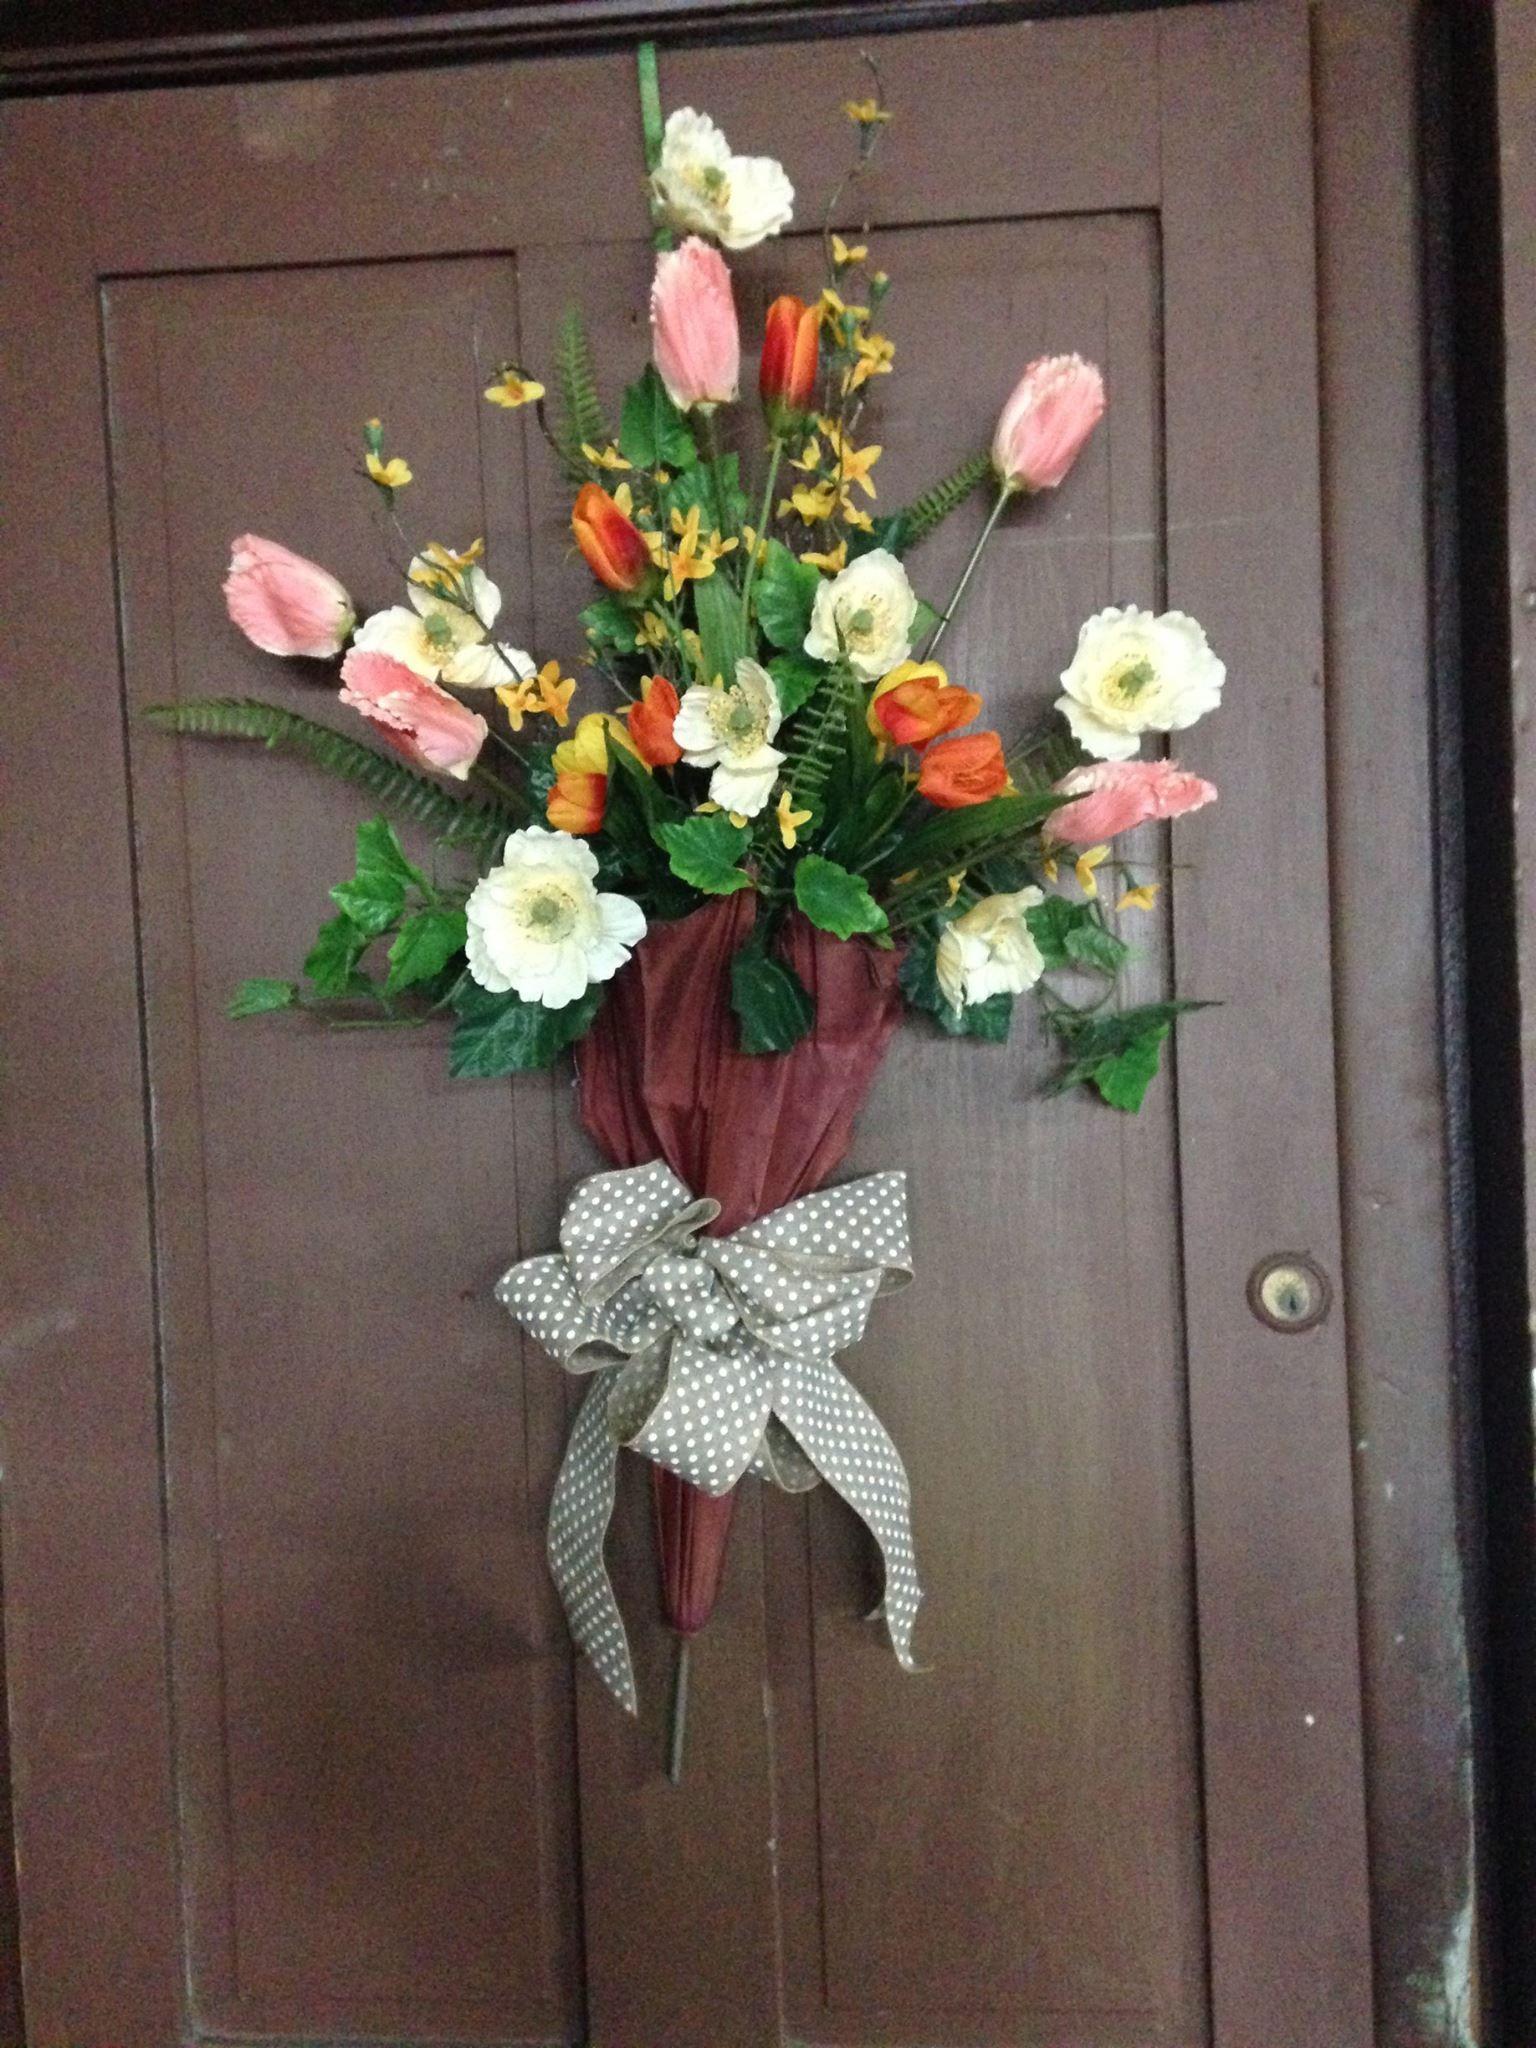 Front Door Decor Decorated Umbrella Spring Umbrella Tulips